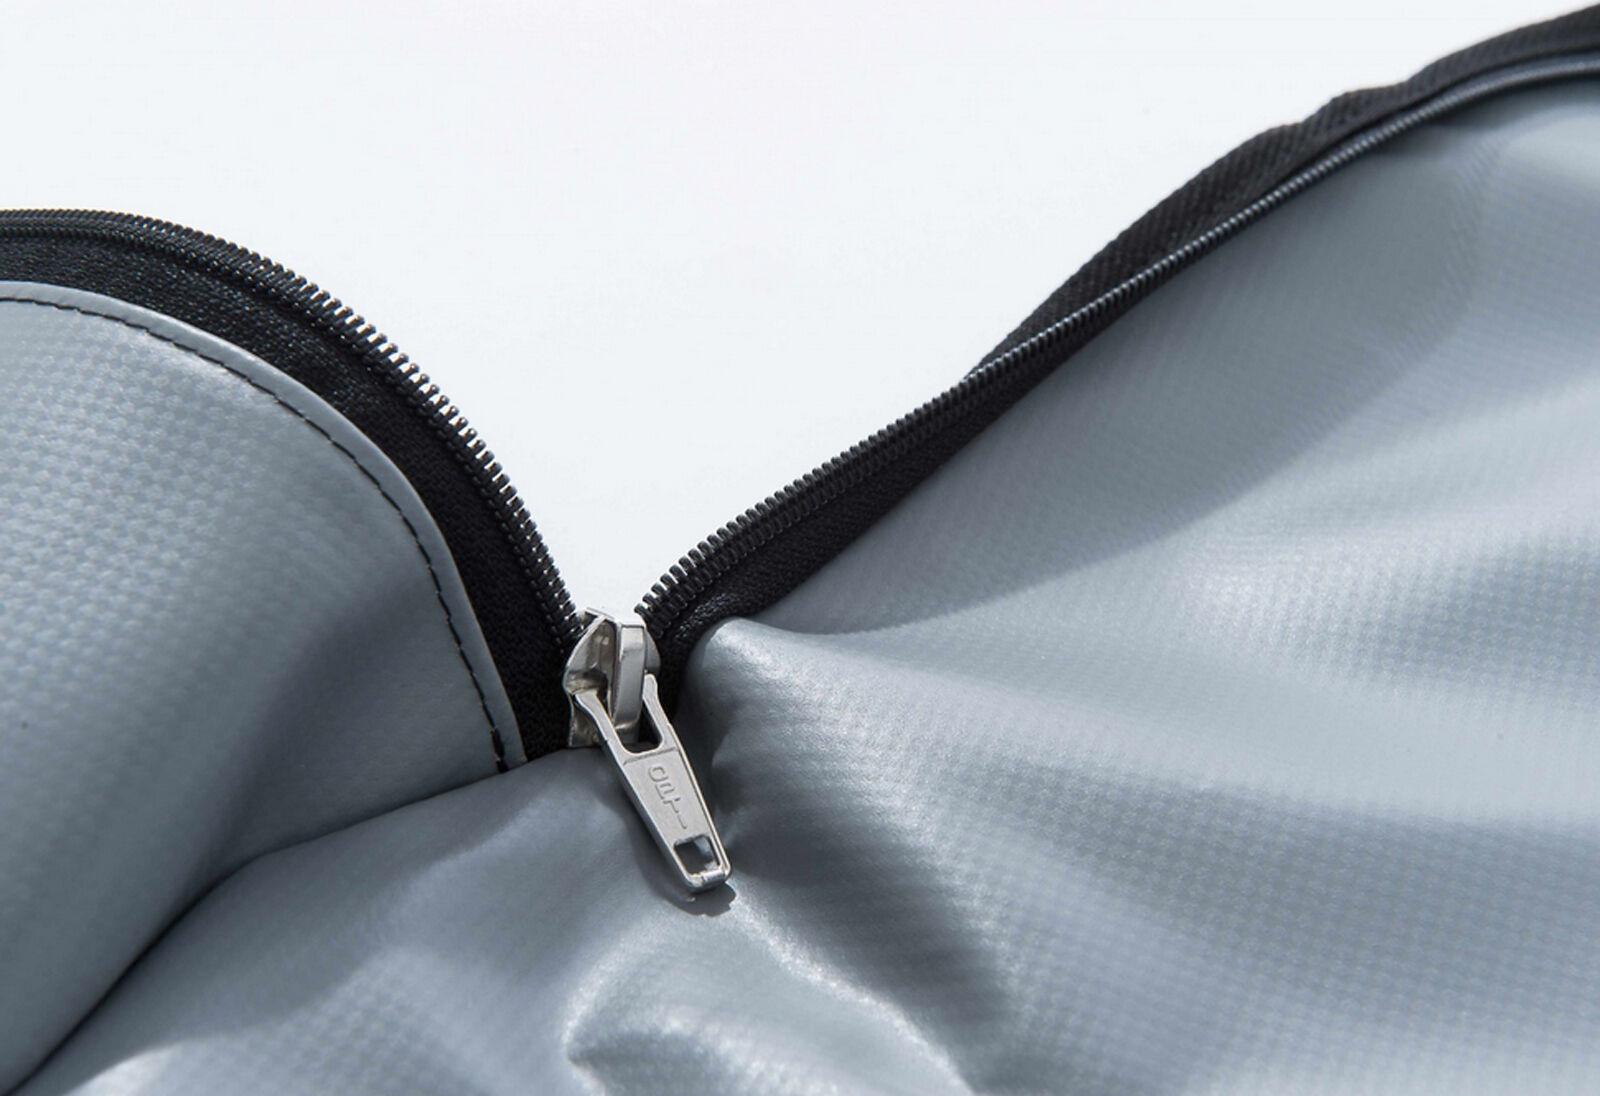 f r skoda kodiaq laderaum auskleidung kofferraum schutz wanne plane nach ma eur 164 65. Black Bedroom Furniture Sets. Home Design Ideas